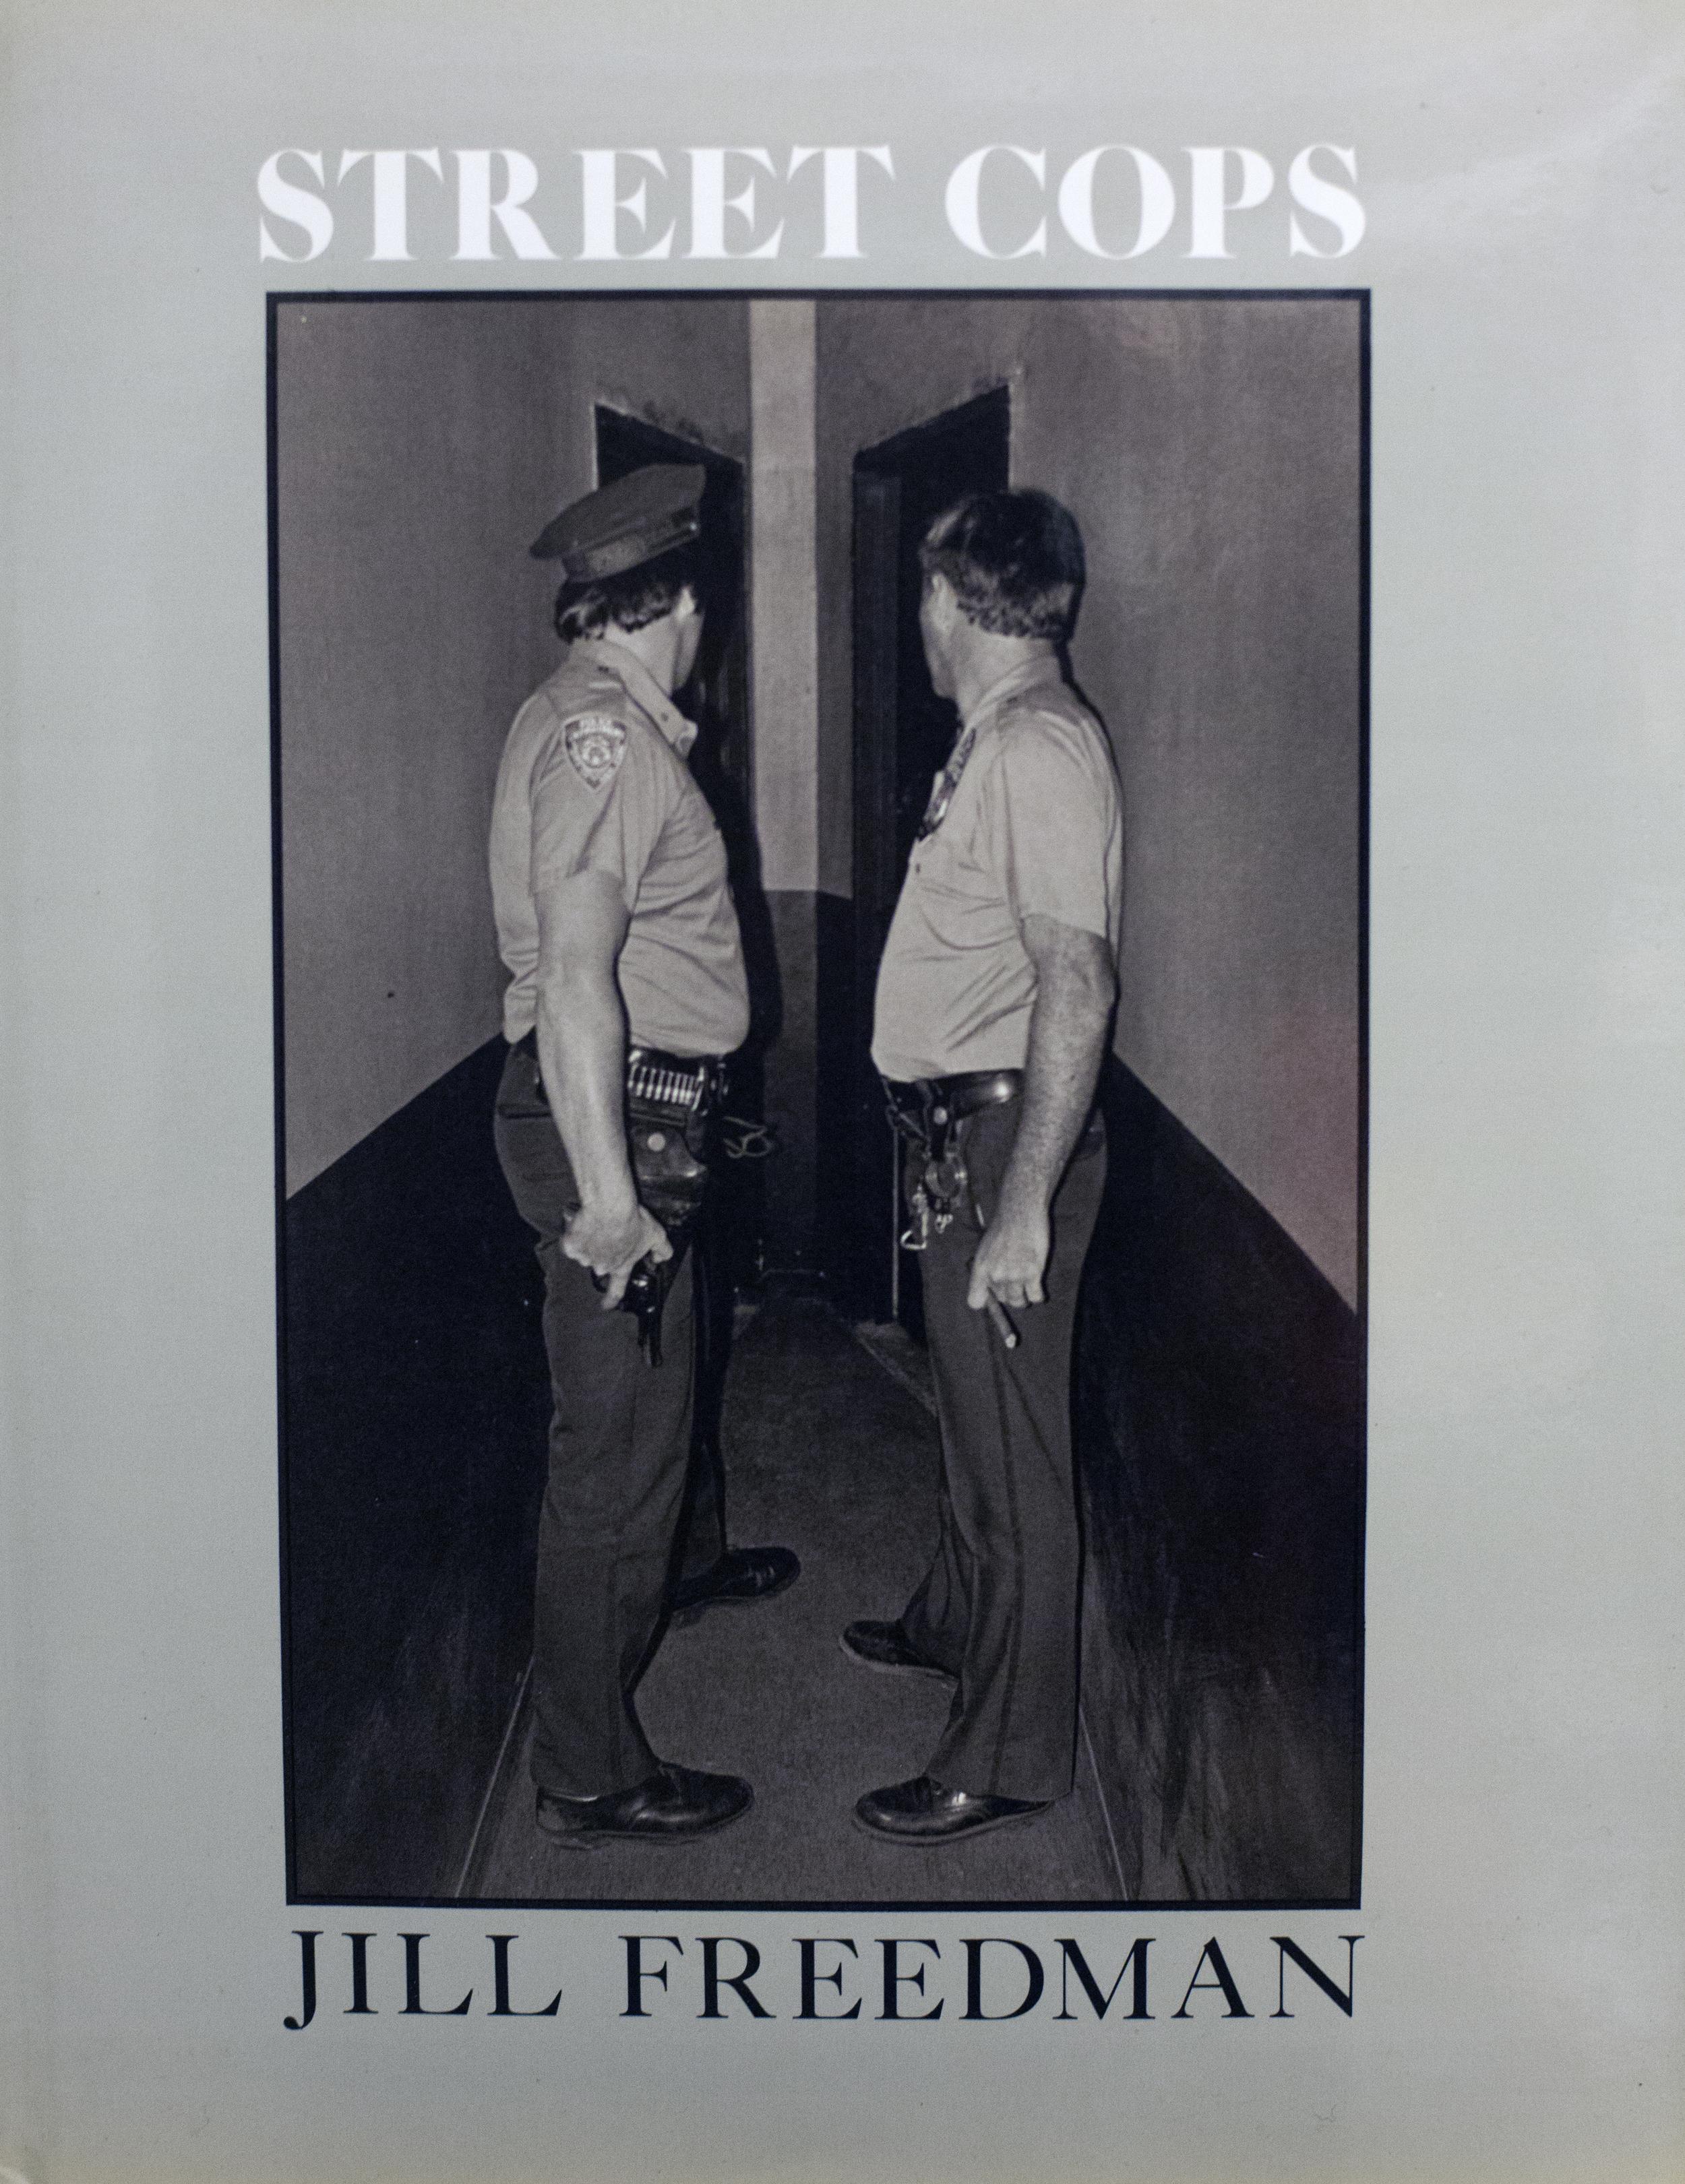 Street Cops